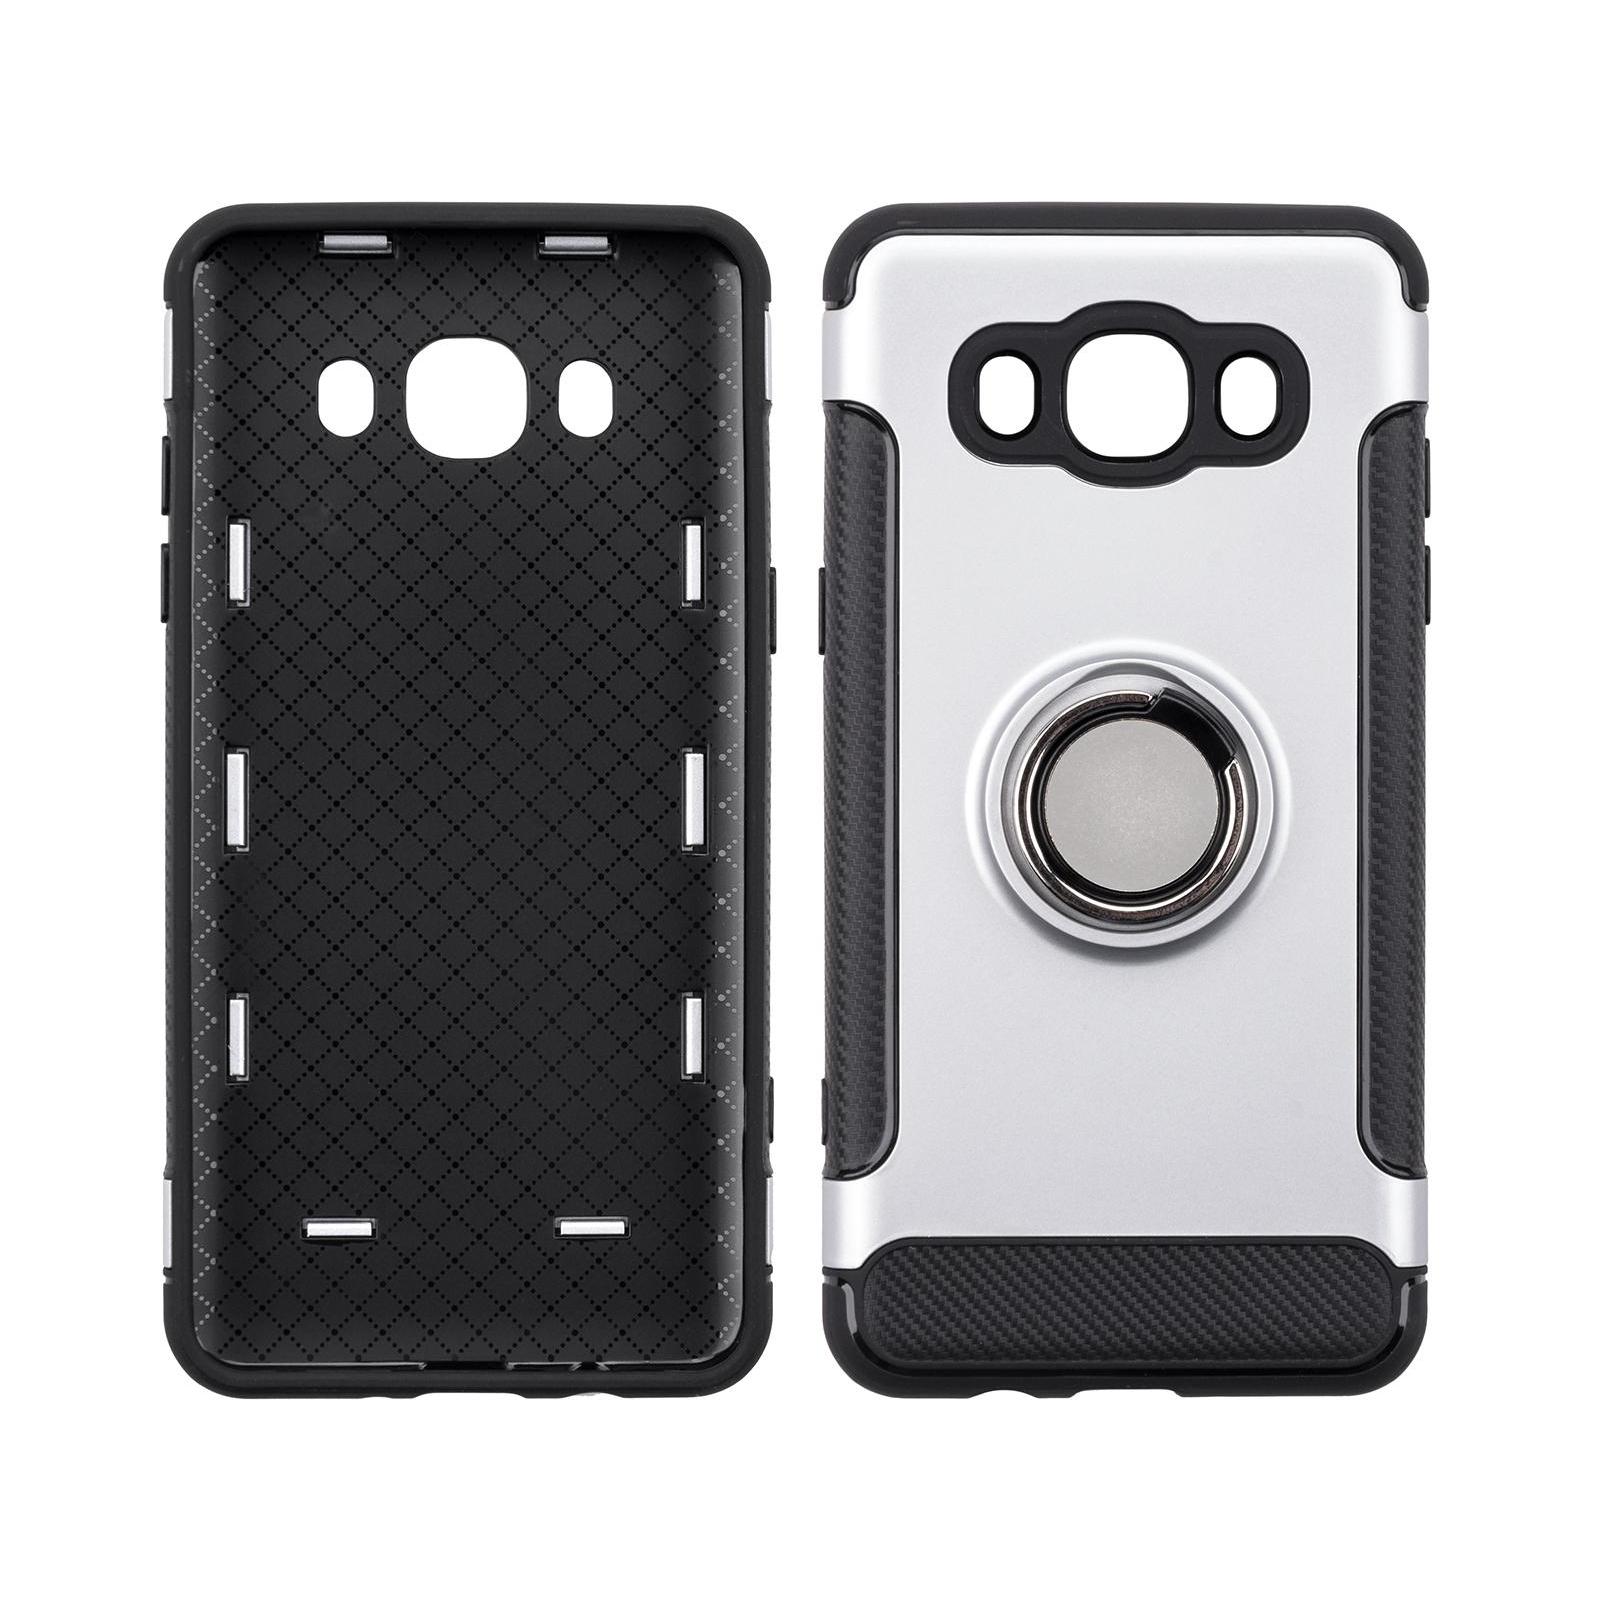 Чехол для моб. телефона Laudtec для Samsung J5 2016/J510 Ring stand (silver) (LR-J510-SR) изображение 5